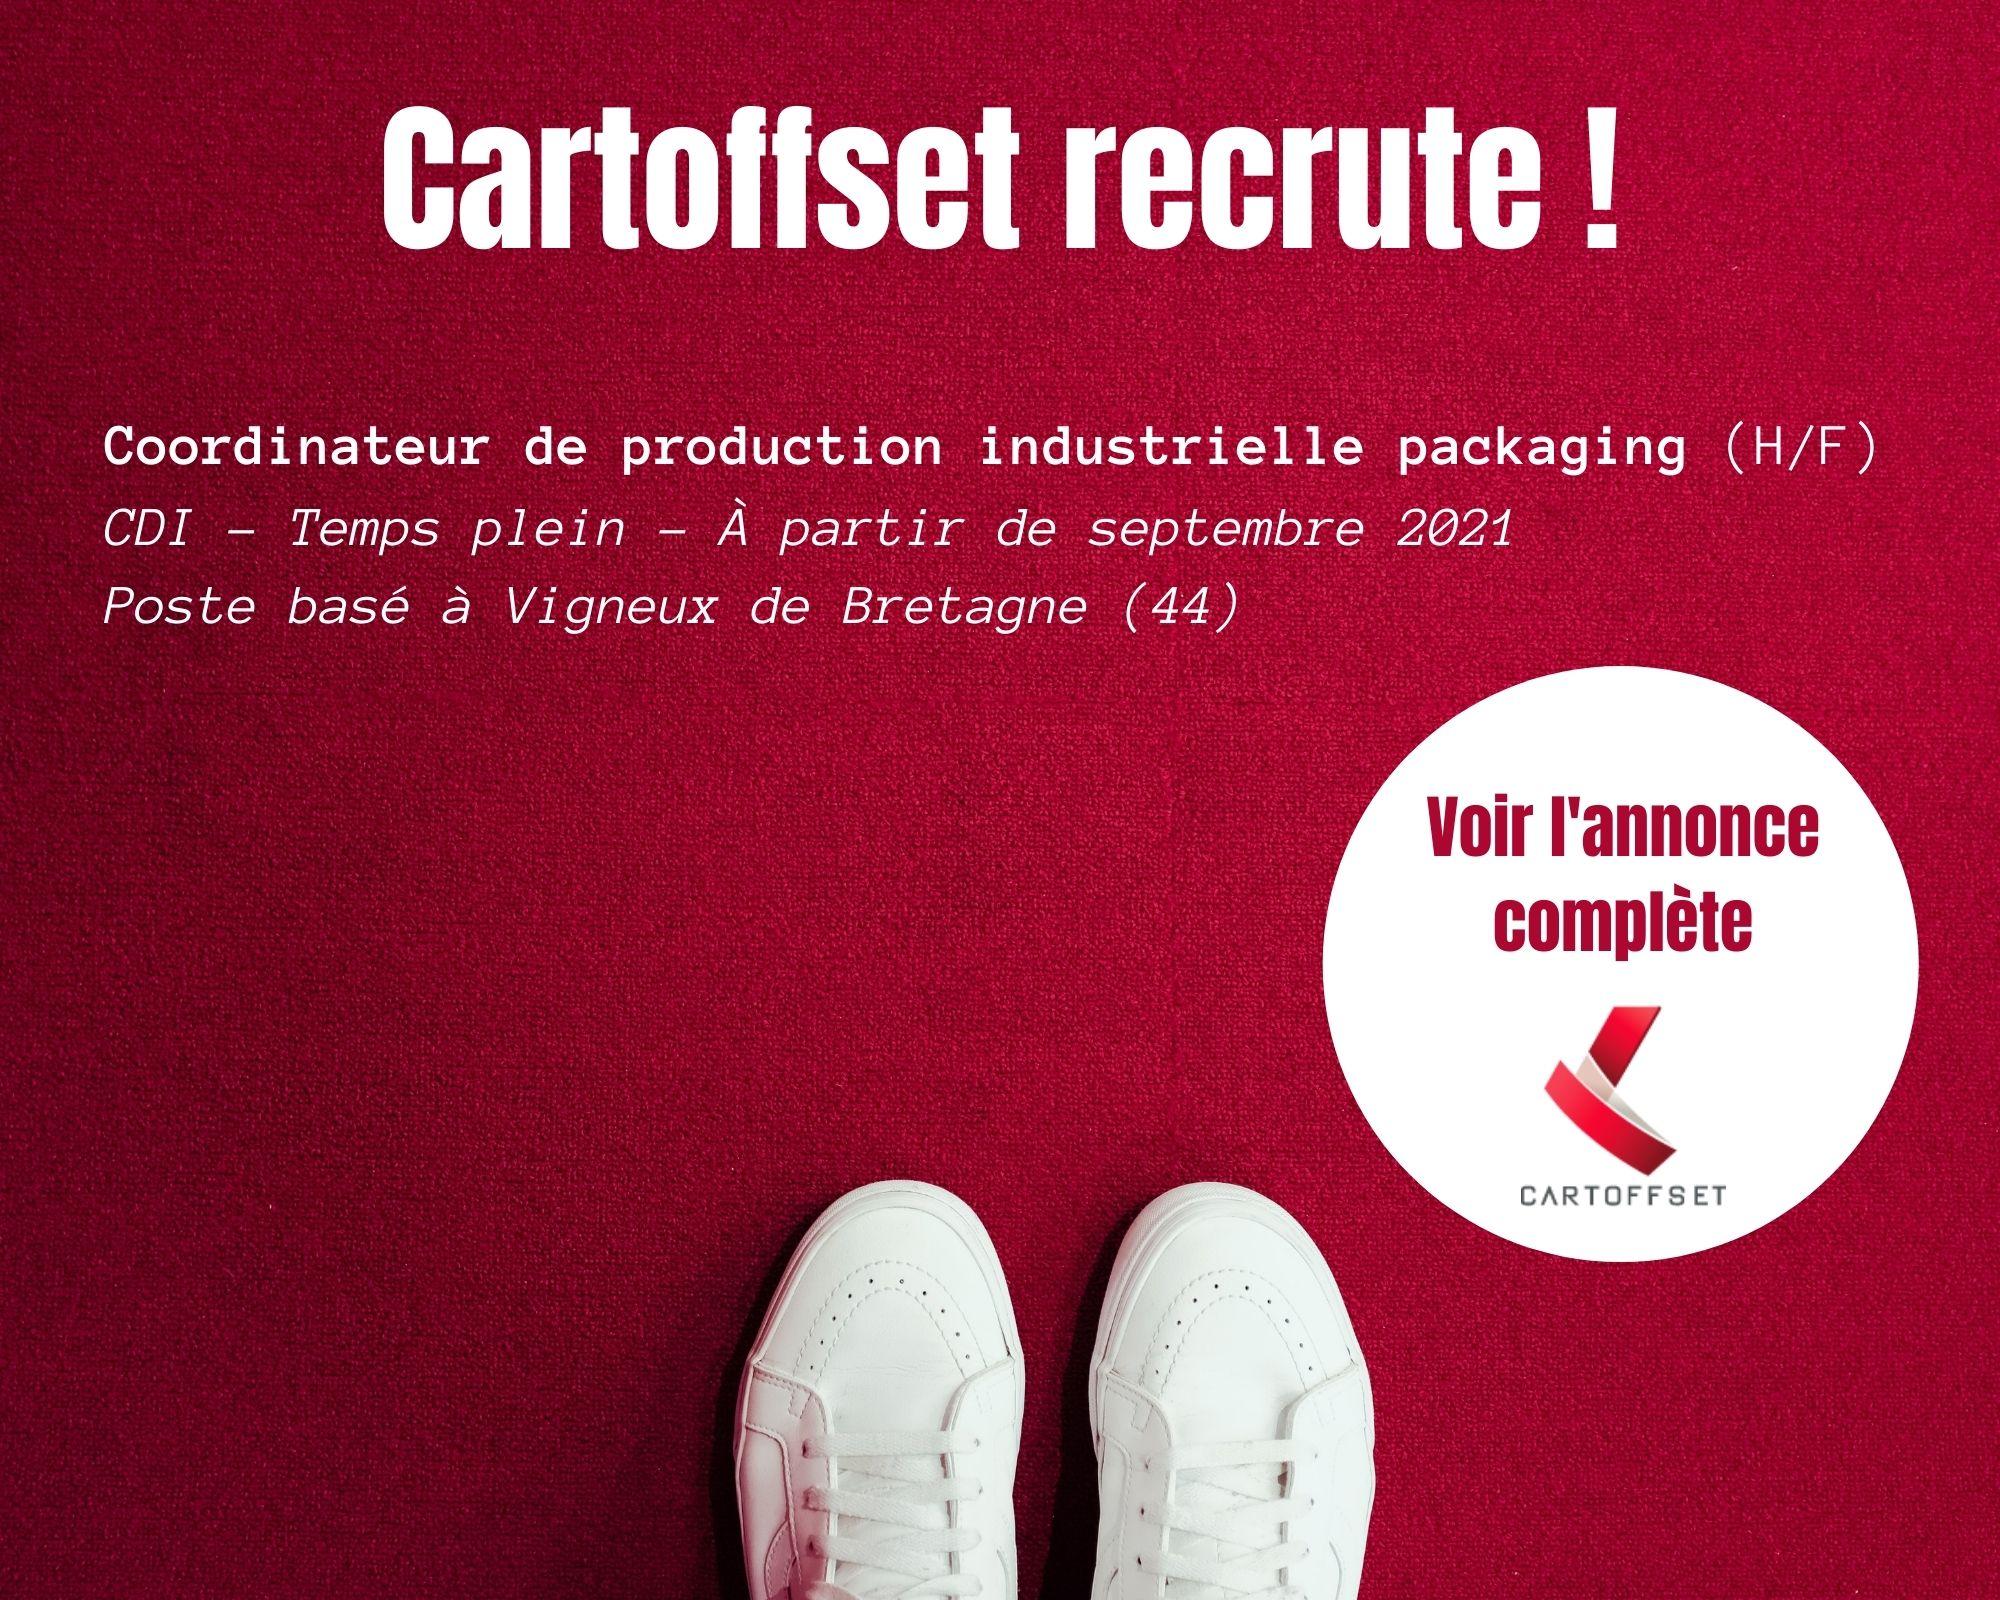 cartoffset-recrutement-coordinateur-production-nantes